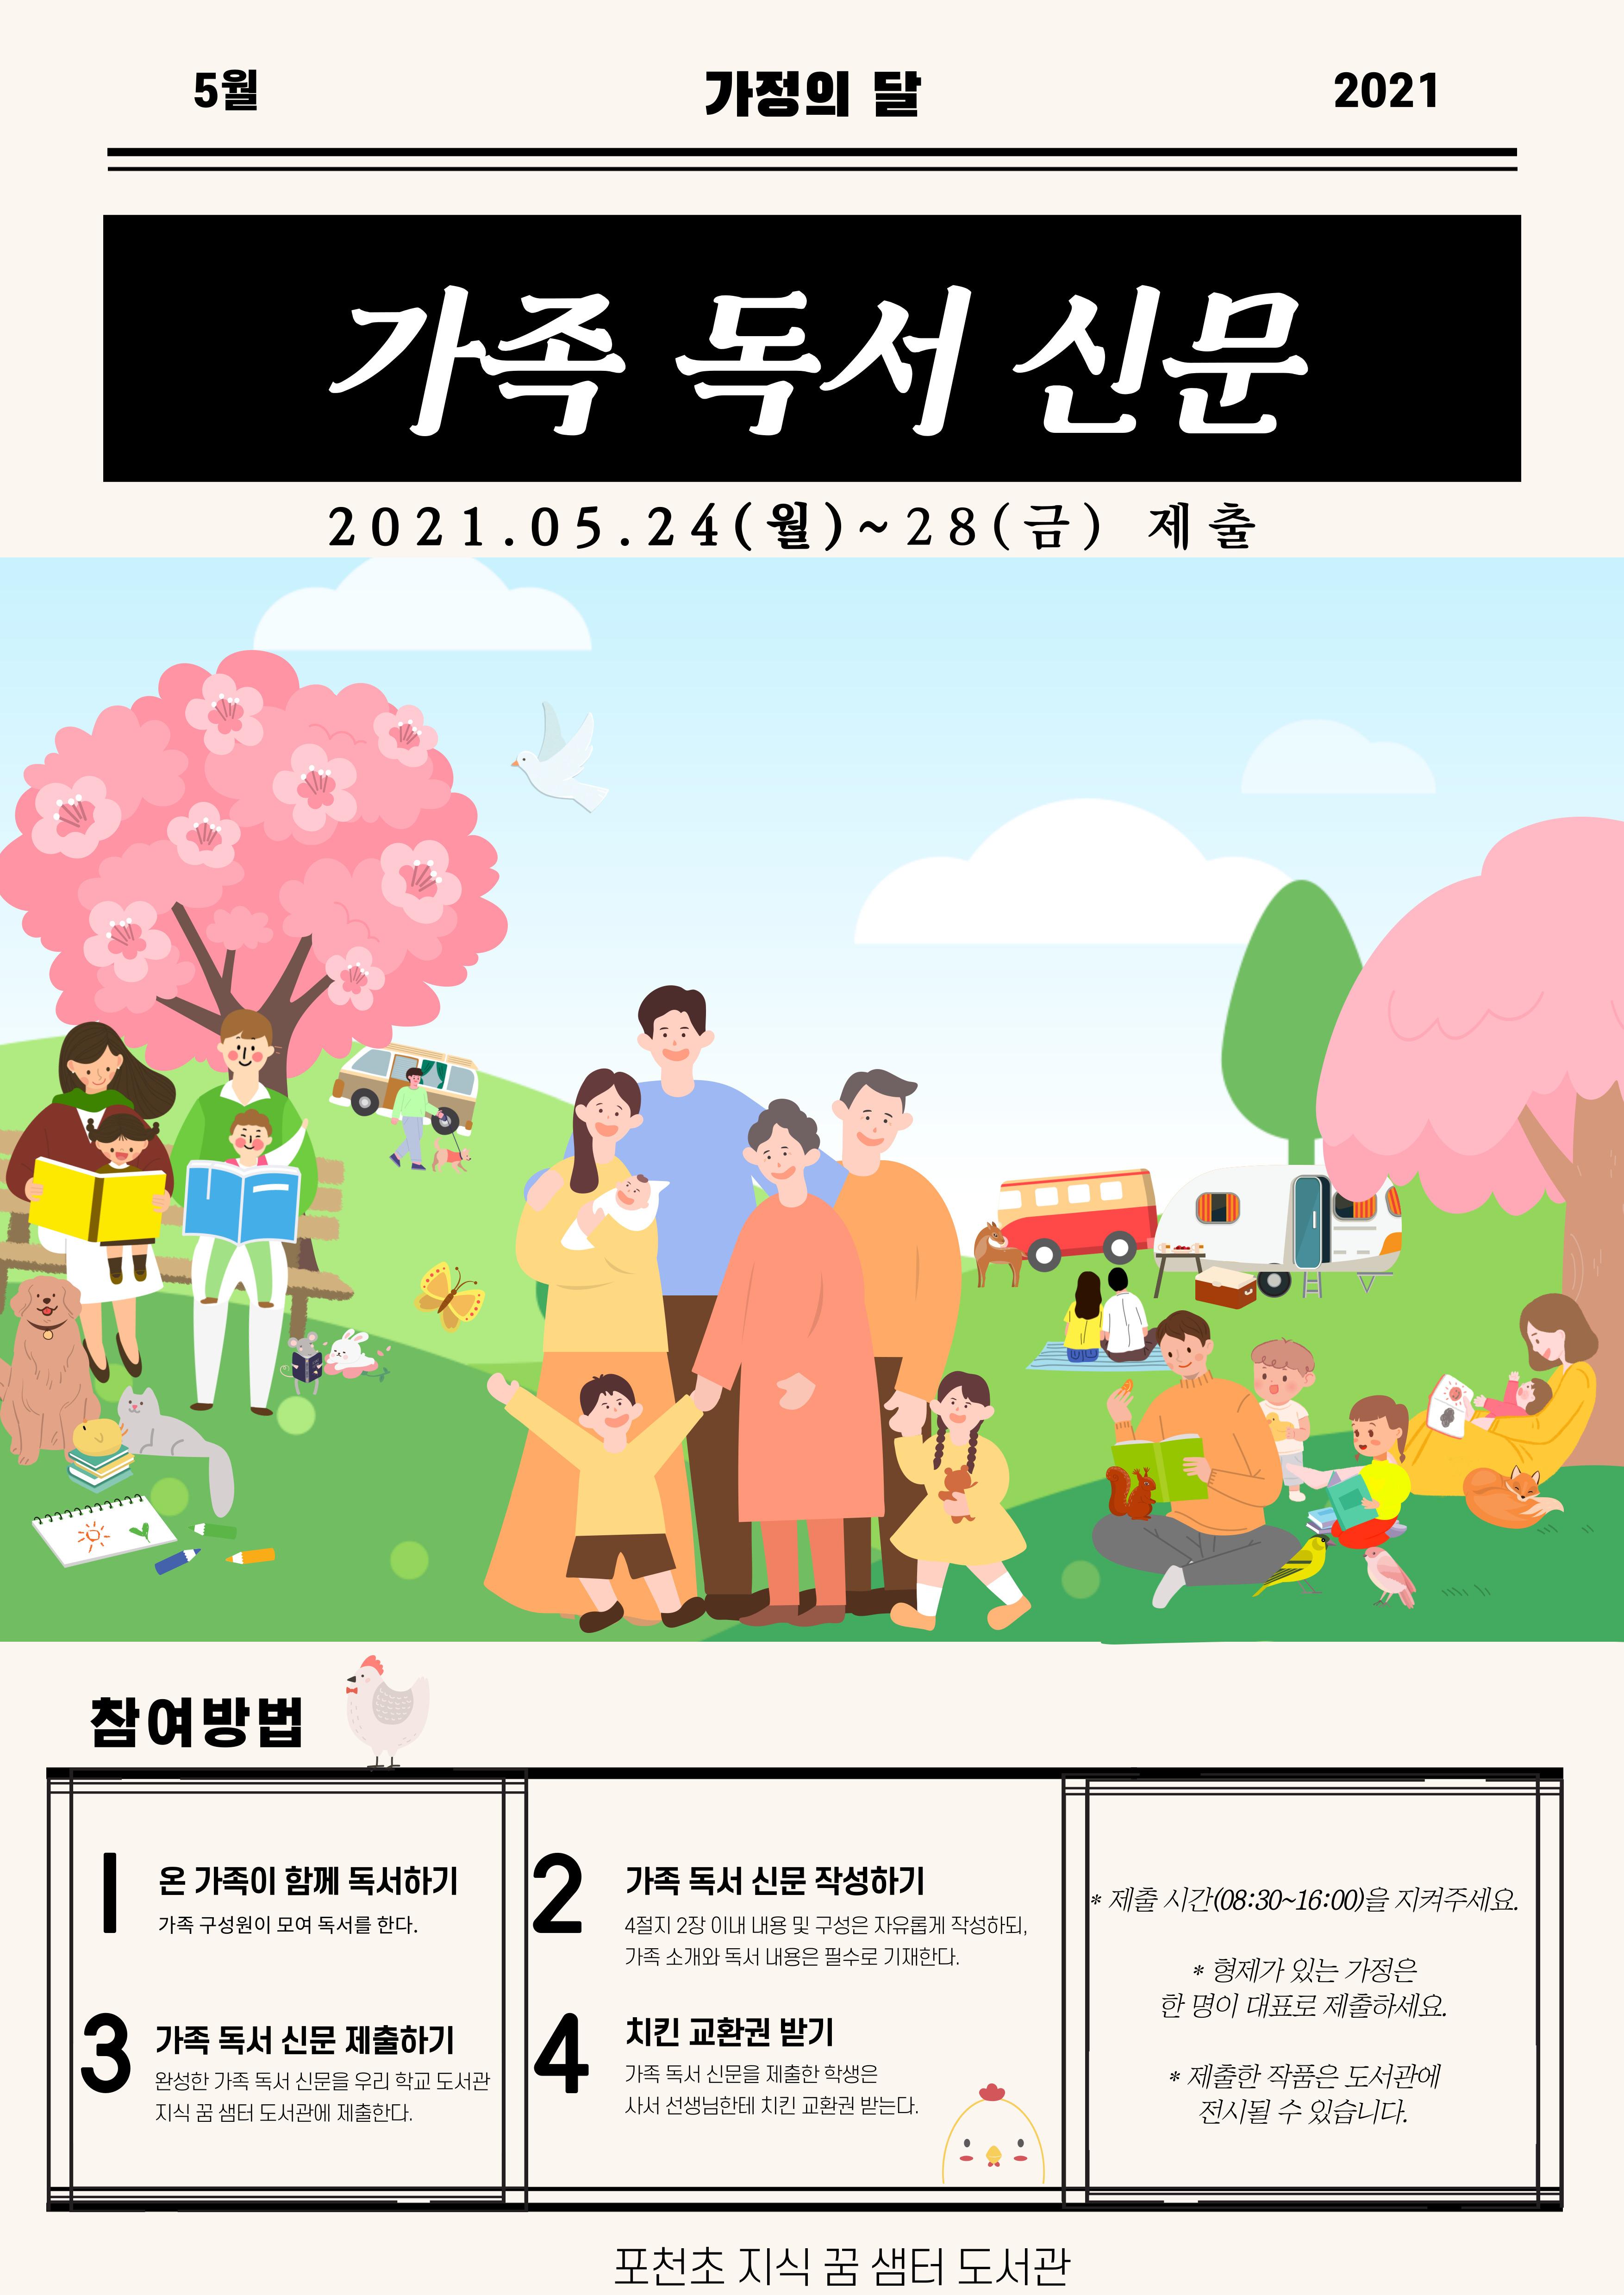 [일반] 2021학년도 5월 도서관 행사- 가족독서신문의 첨부이미지 2